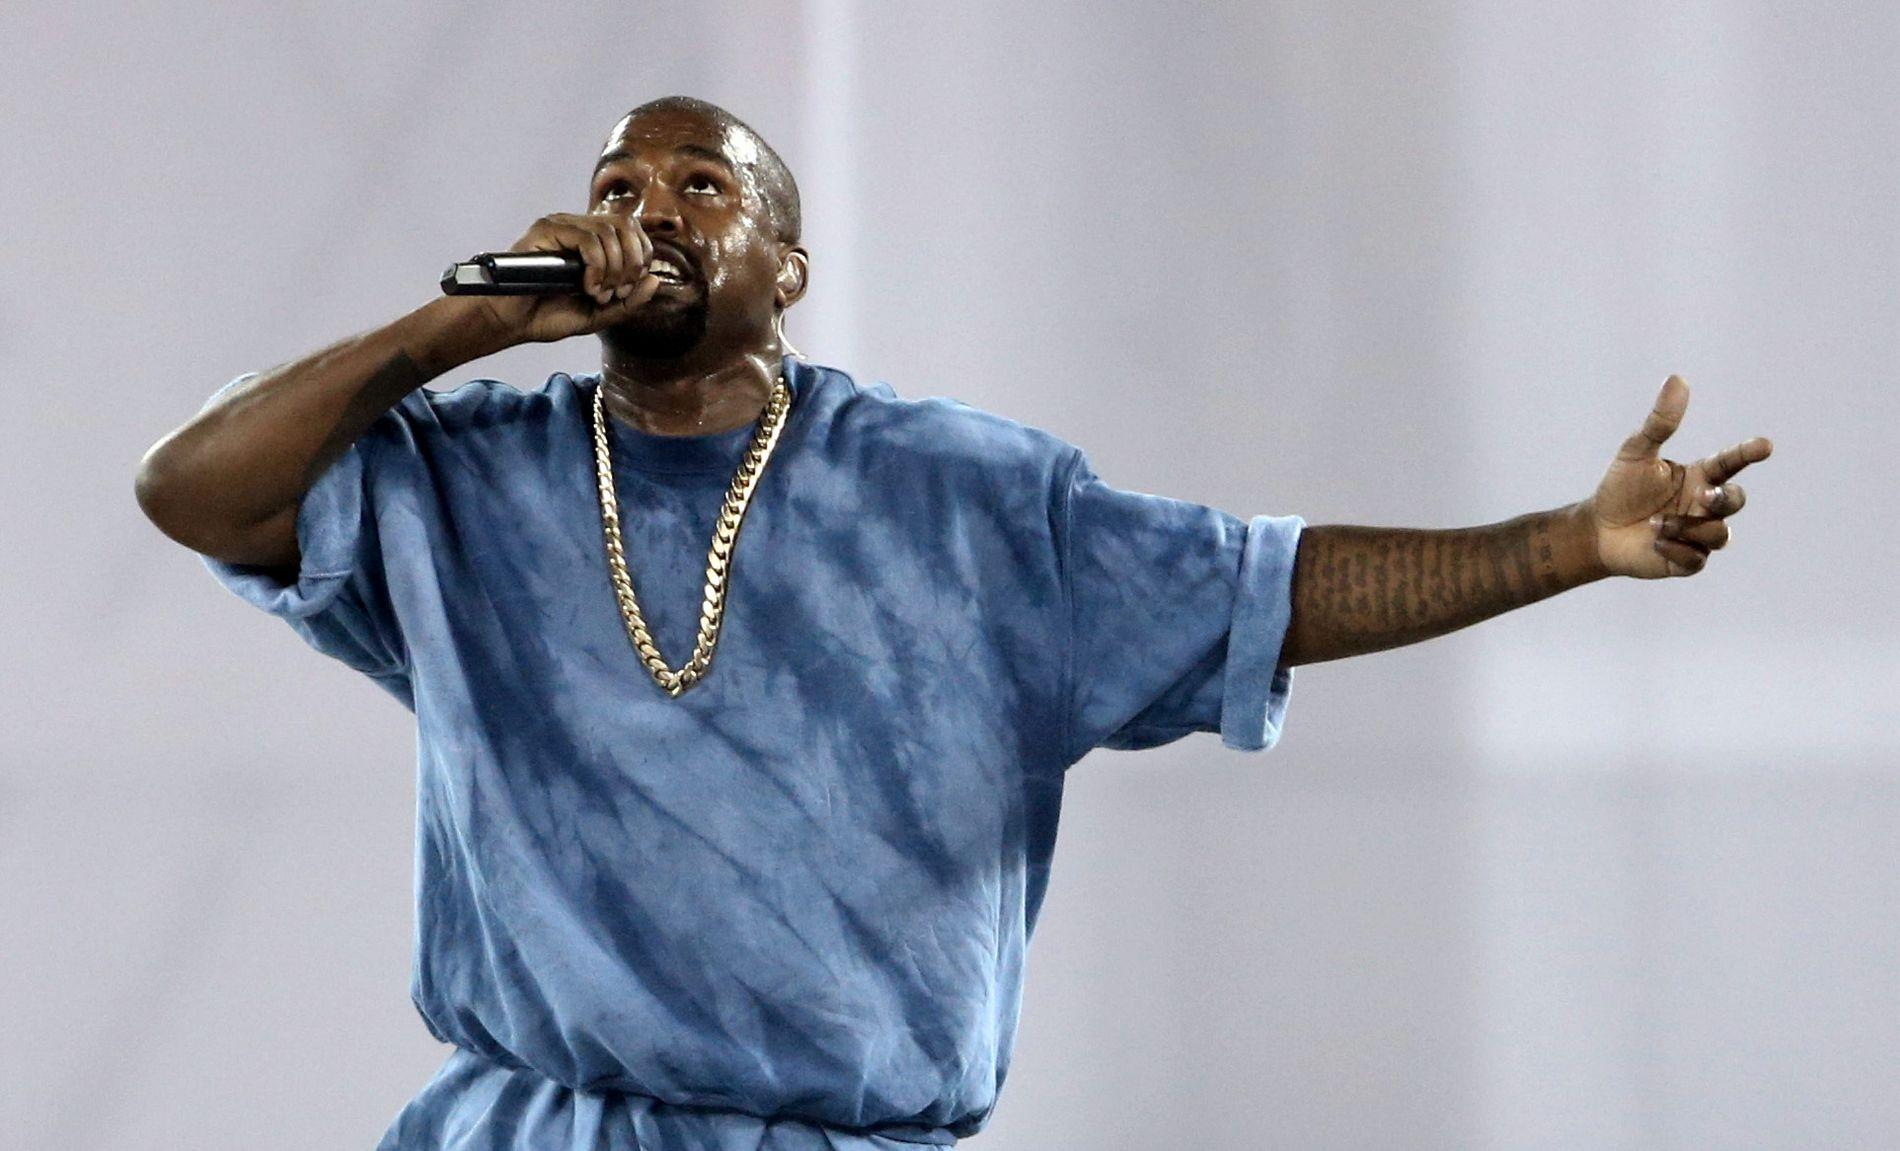 I STORMEN: Også lyttertalene til stjernen Kanye West skal ha blitt tuklet med.